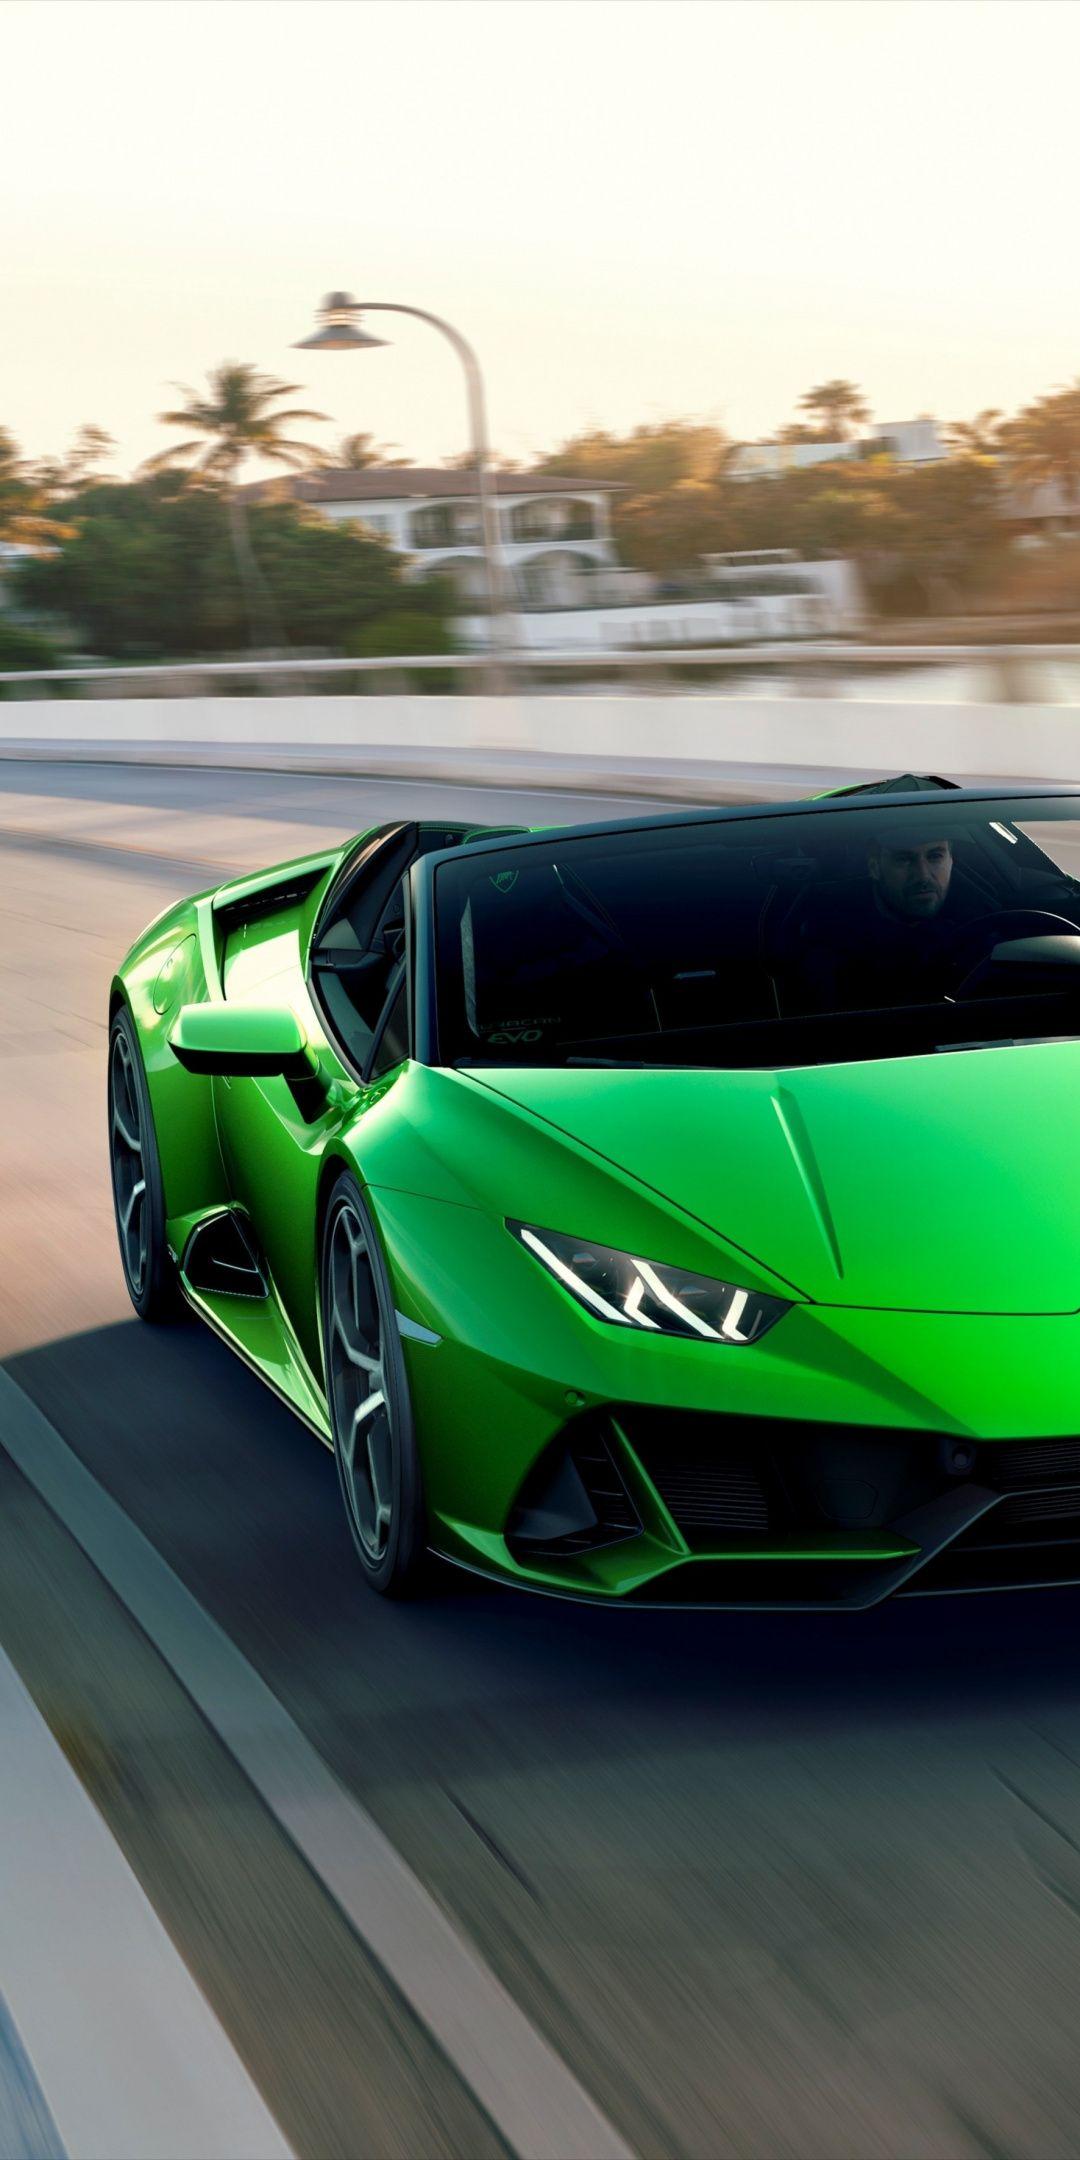 On Road Luxury Sports Car Lamborghini Huracan 1080x2160